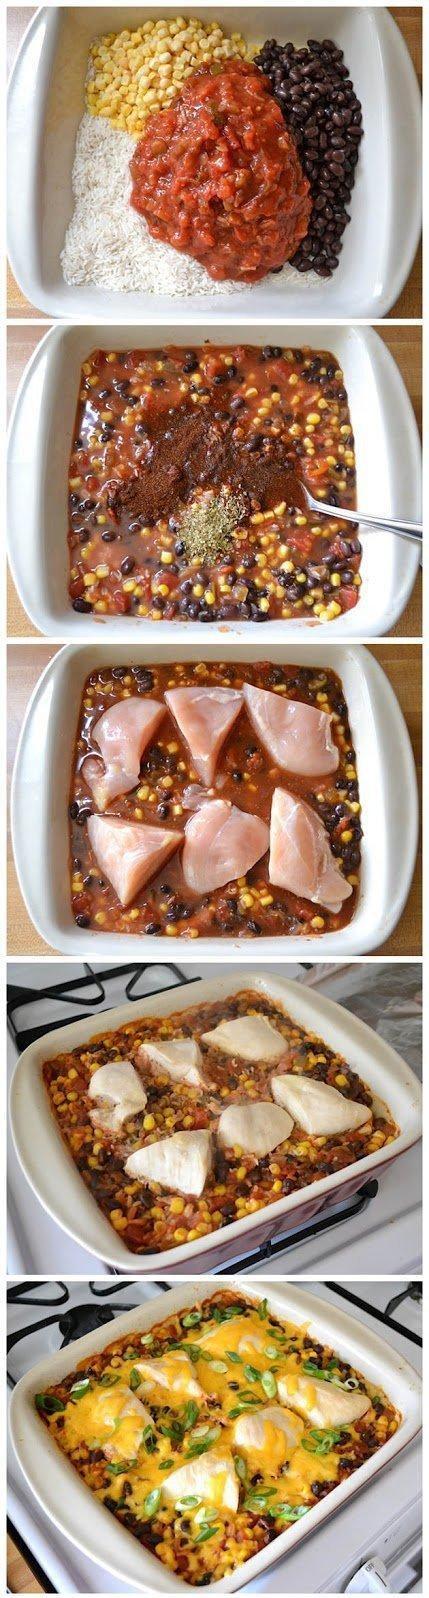 Salsa chicken casserole       1 szklanka surowego ryżu       1 szklanka  kukurydzy       1 puszka czarnej fasoli      1 słoik salsy       1-1,5 szklanki bulionu z kurczaka      ½ łyżeczki chili w proszku      ½ łyżeczki oregano      1 podwójna pierś z kurczaka      1 szklanka tartego sera       2 dymki        Rozgrzej piekarnik do 180 stopni. Odsącz i krótko przepłucz czarną fasolę. Wymieszaj suchy ryż, fasolę, kukurydzę, salsę, bulion z kurczaka, chili w proszku i oregano.  Przełóż do naczynia do zapiekania. Pokrój piersi kurczaka na trzy części każda. Włóż kawałki kurczaka, przykryj naczynie, piec przez godzinę.     Gdy ryż będzie miękki, posyp serem i zapiec, aż ser się roztopi. Posyp pokrojoną dymką.